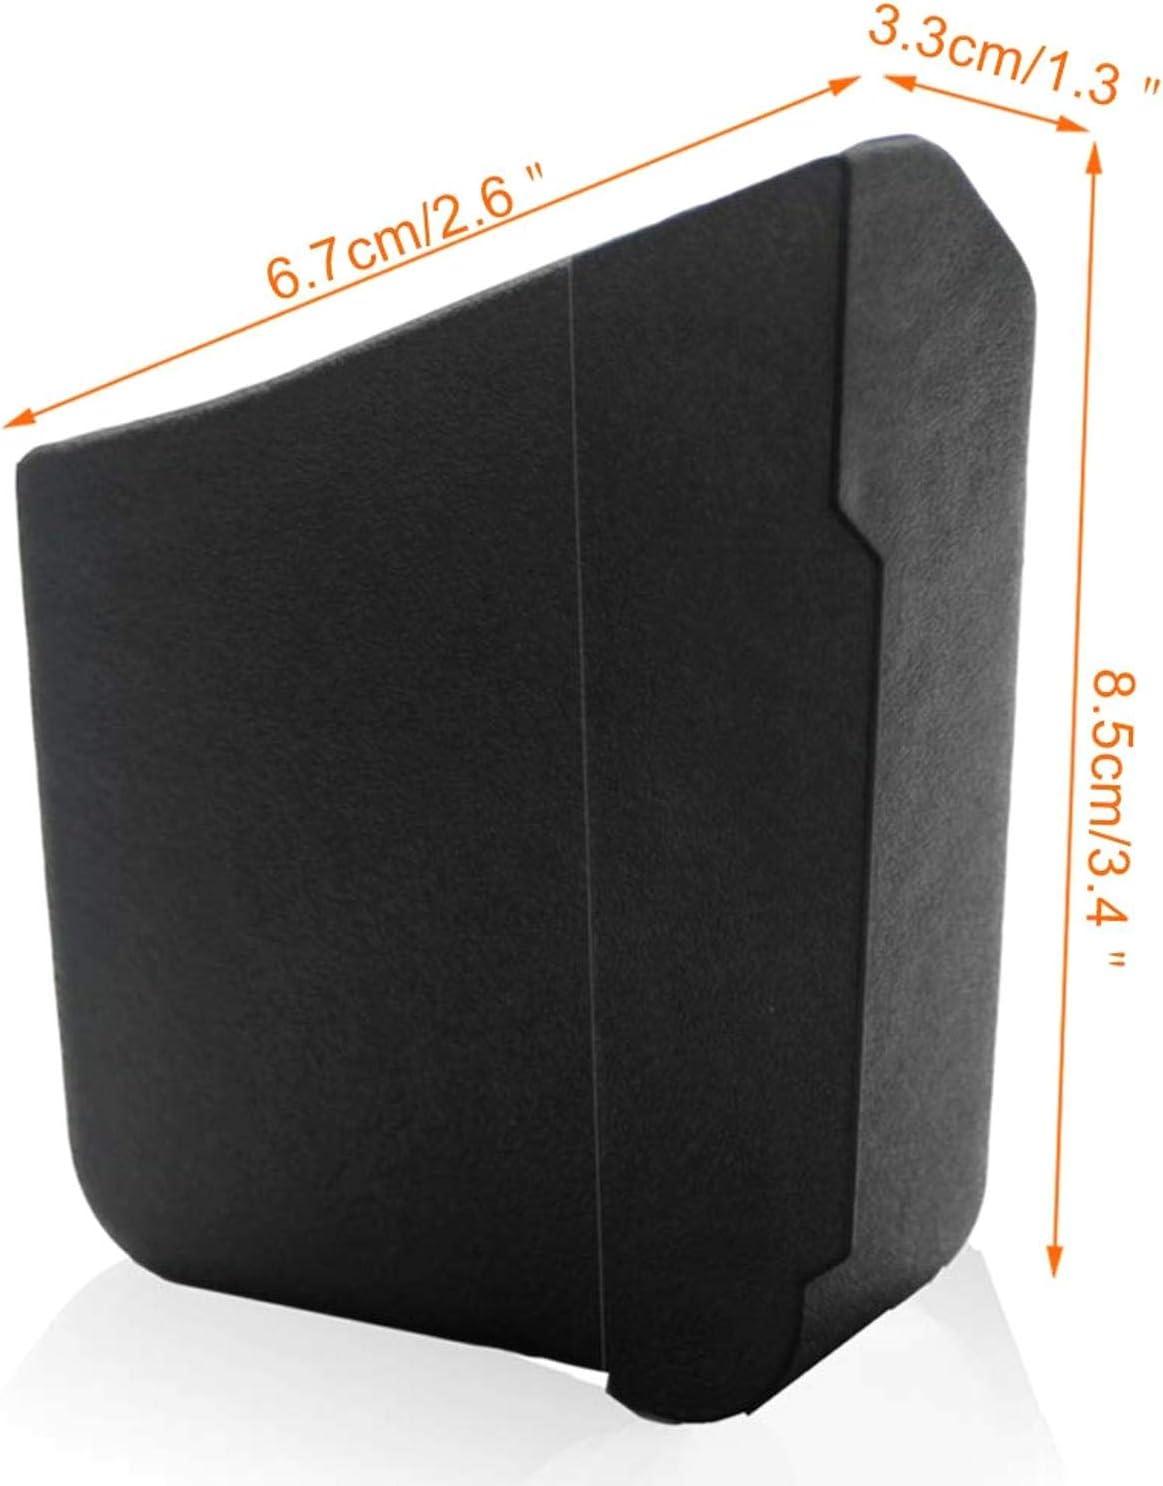 Fiween pa/ñuelos 2 Cajas de Almacenamiento para Coche Organizador peque/ño para organizar peque/ñas Llaves de tel/éfono